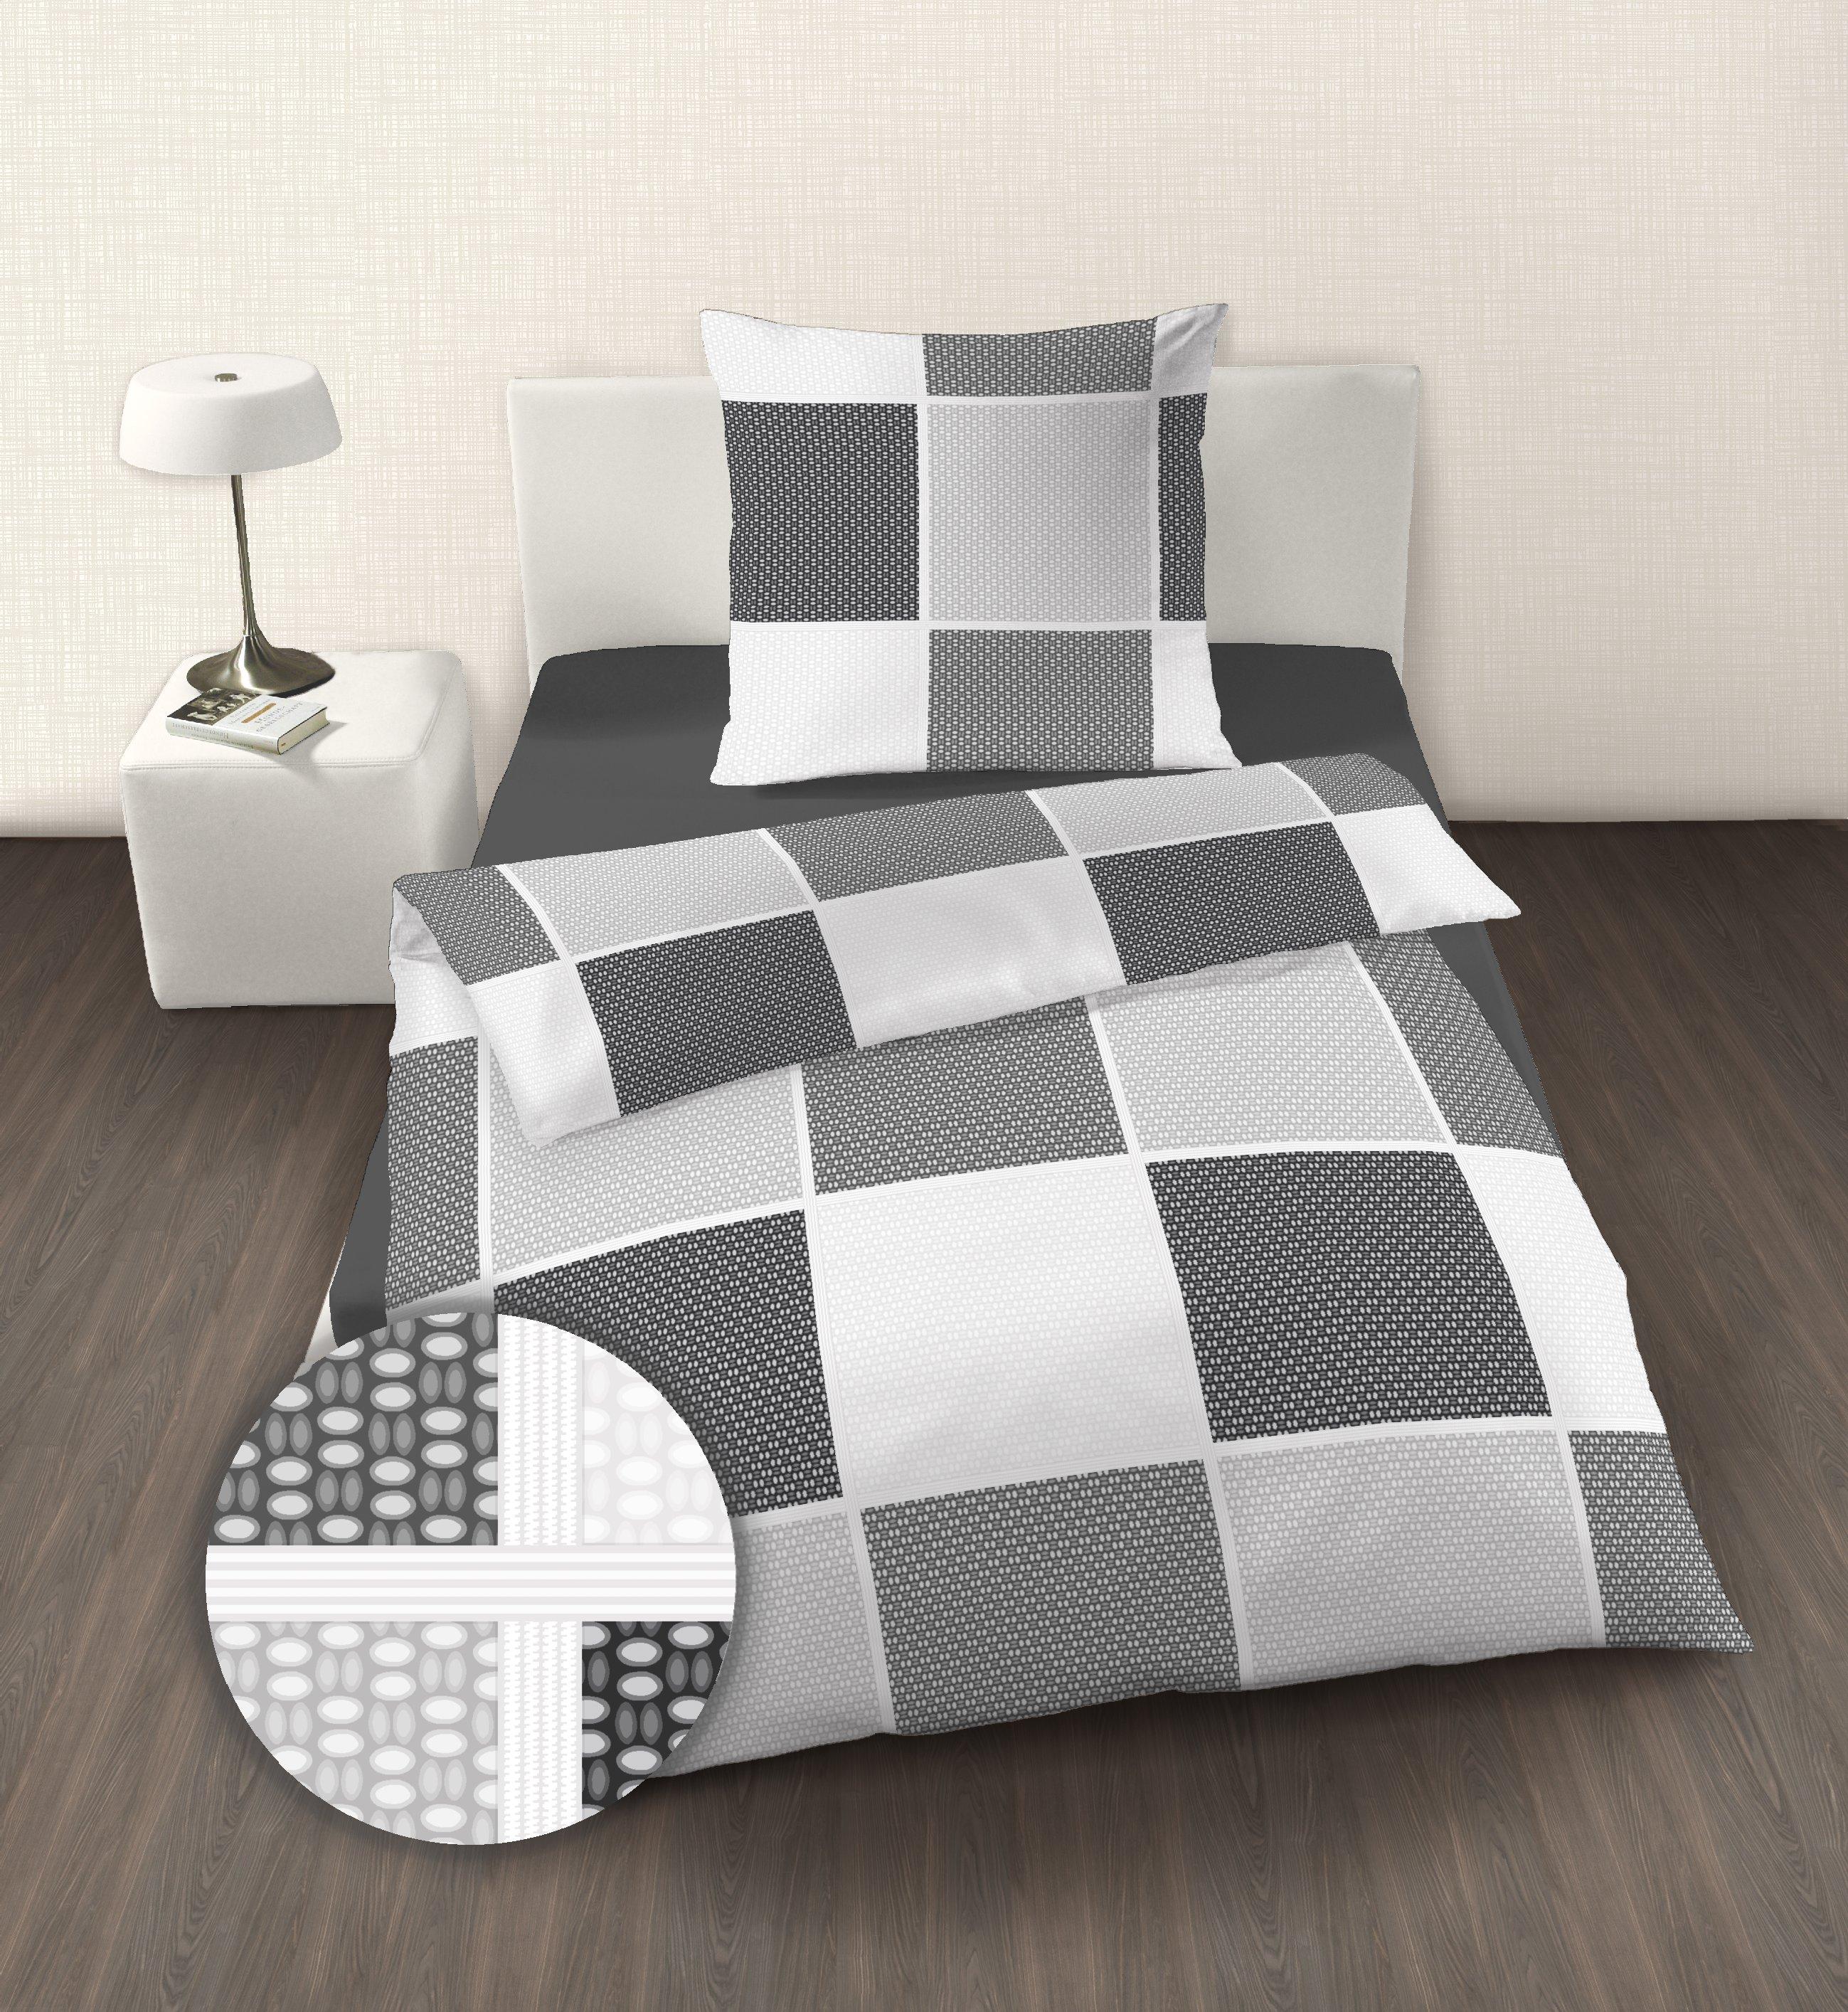 premium feinbiber bettw sche karo schwarz wei vennex. Black Bedroom Furniture Sets. Home Design Ideas